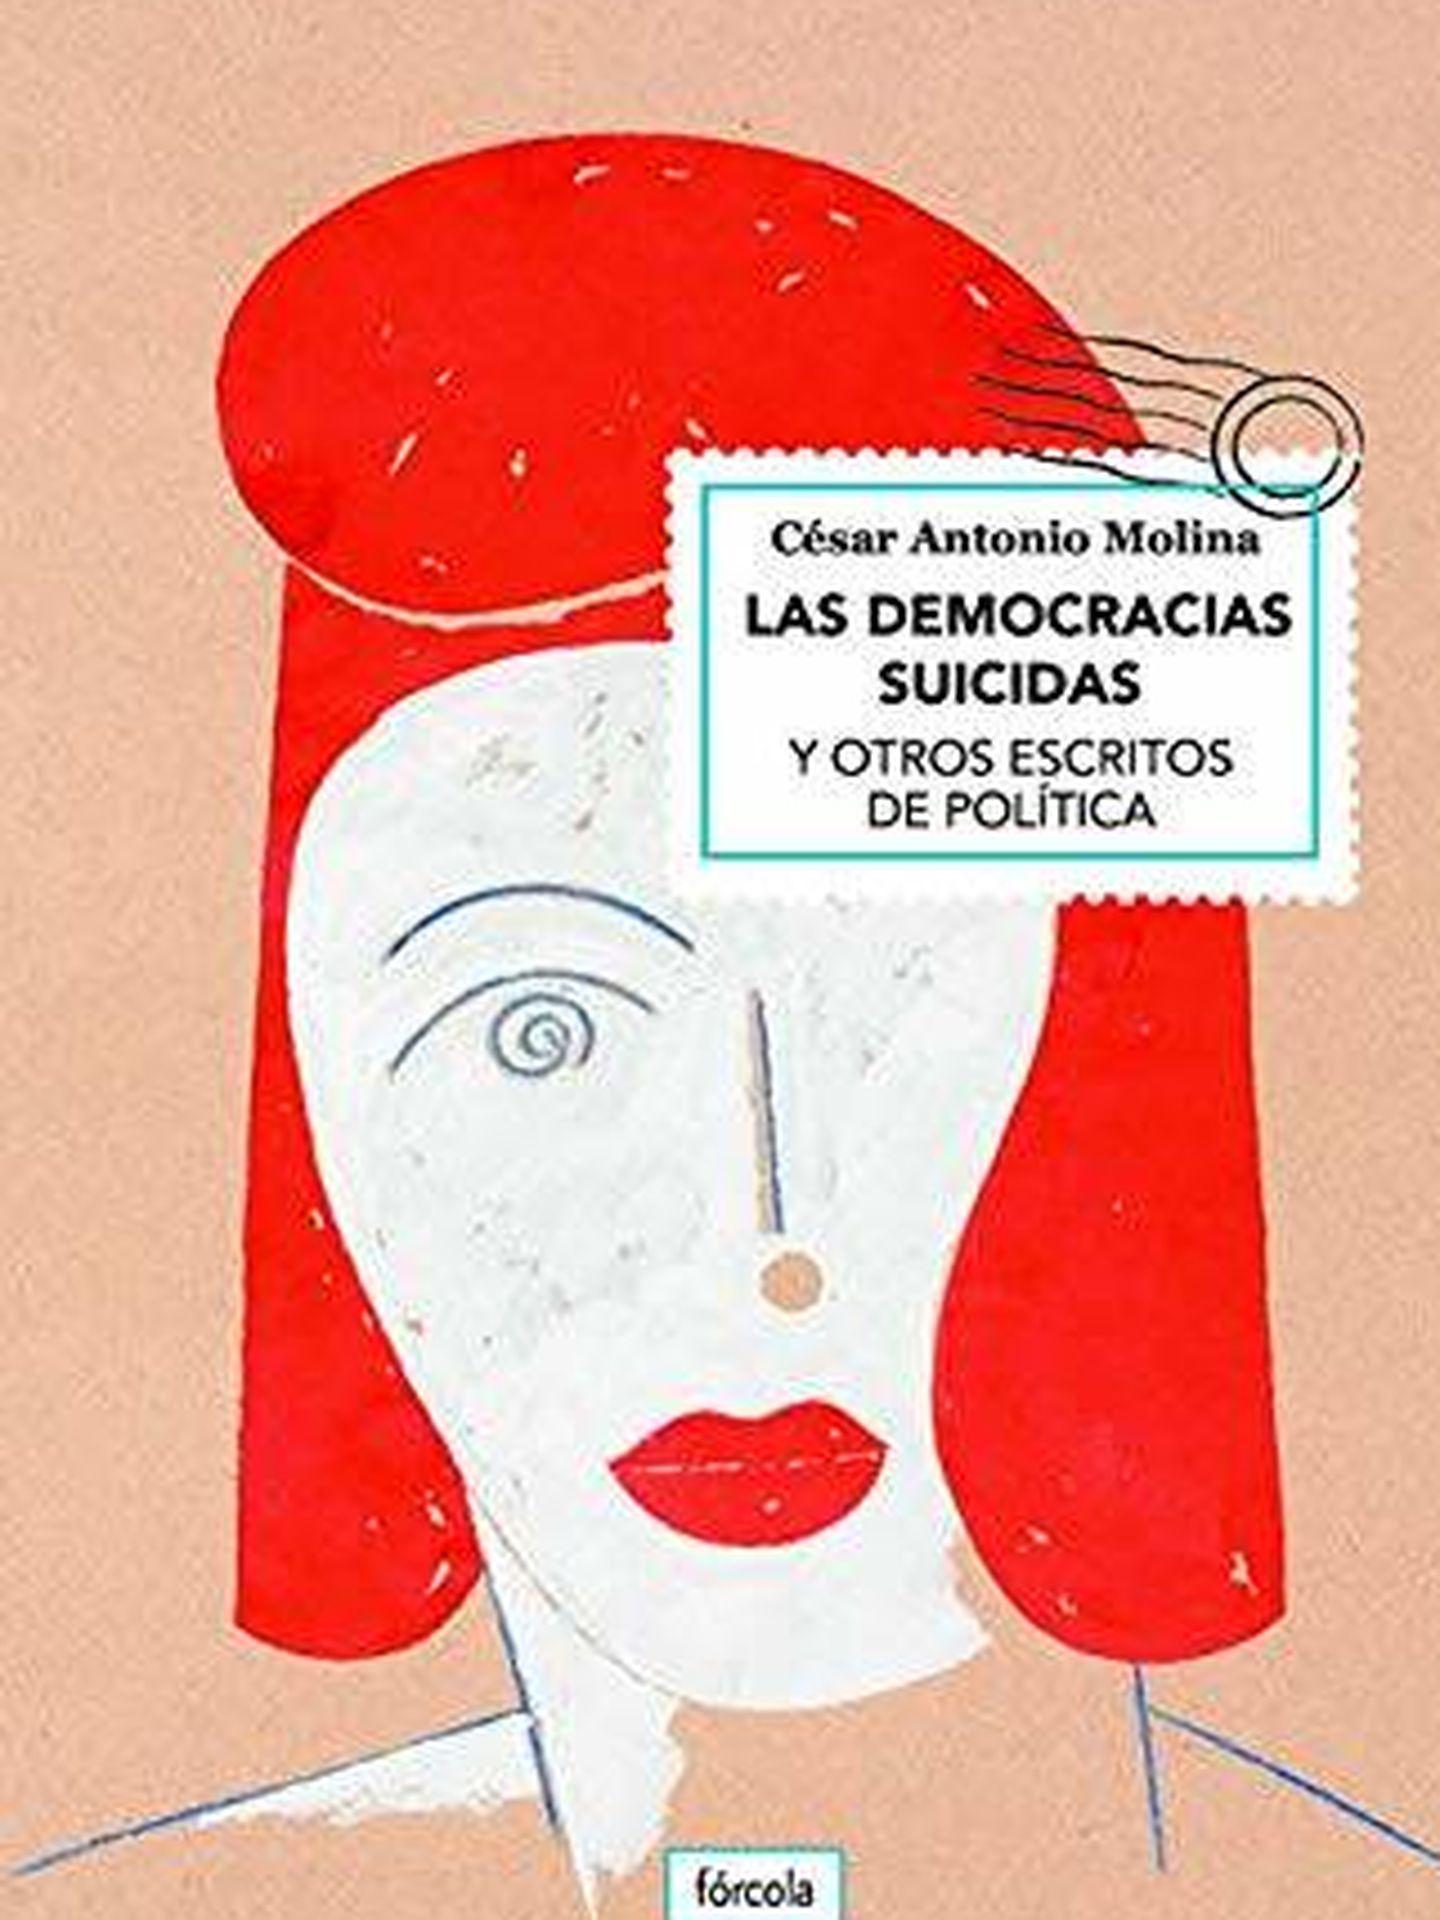 'Las democracias suicidas. (Fórcola)